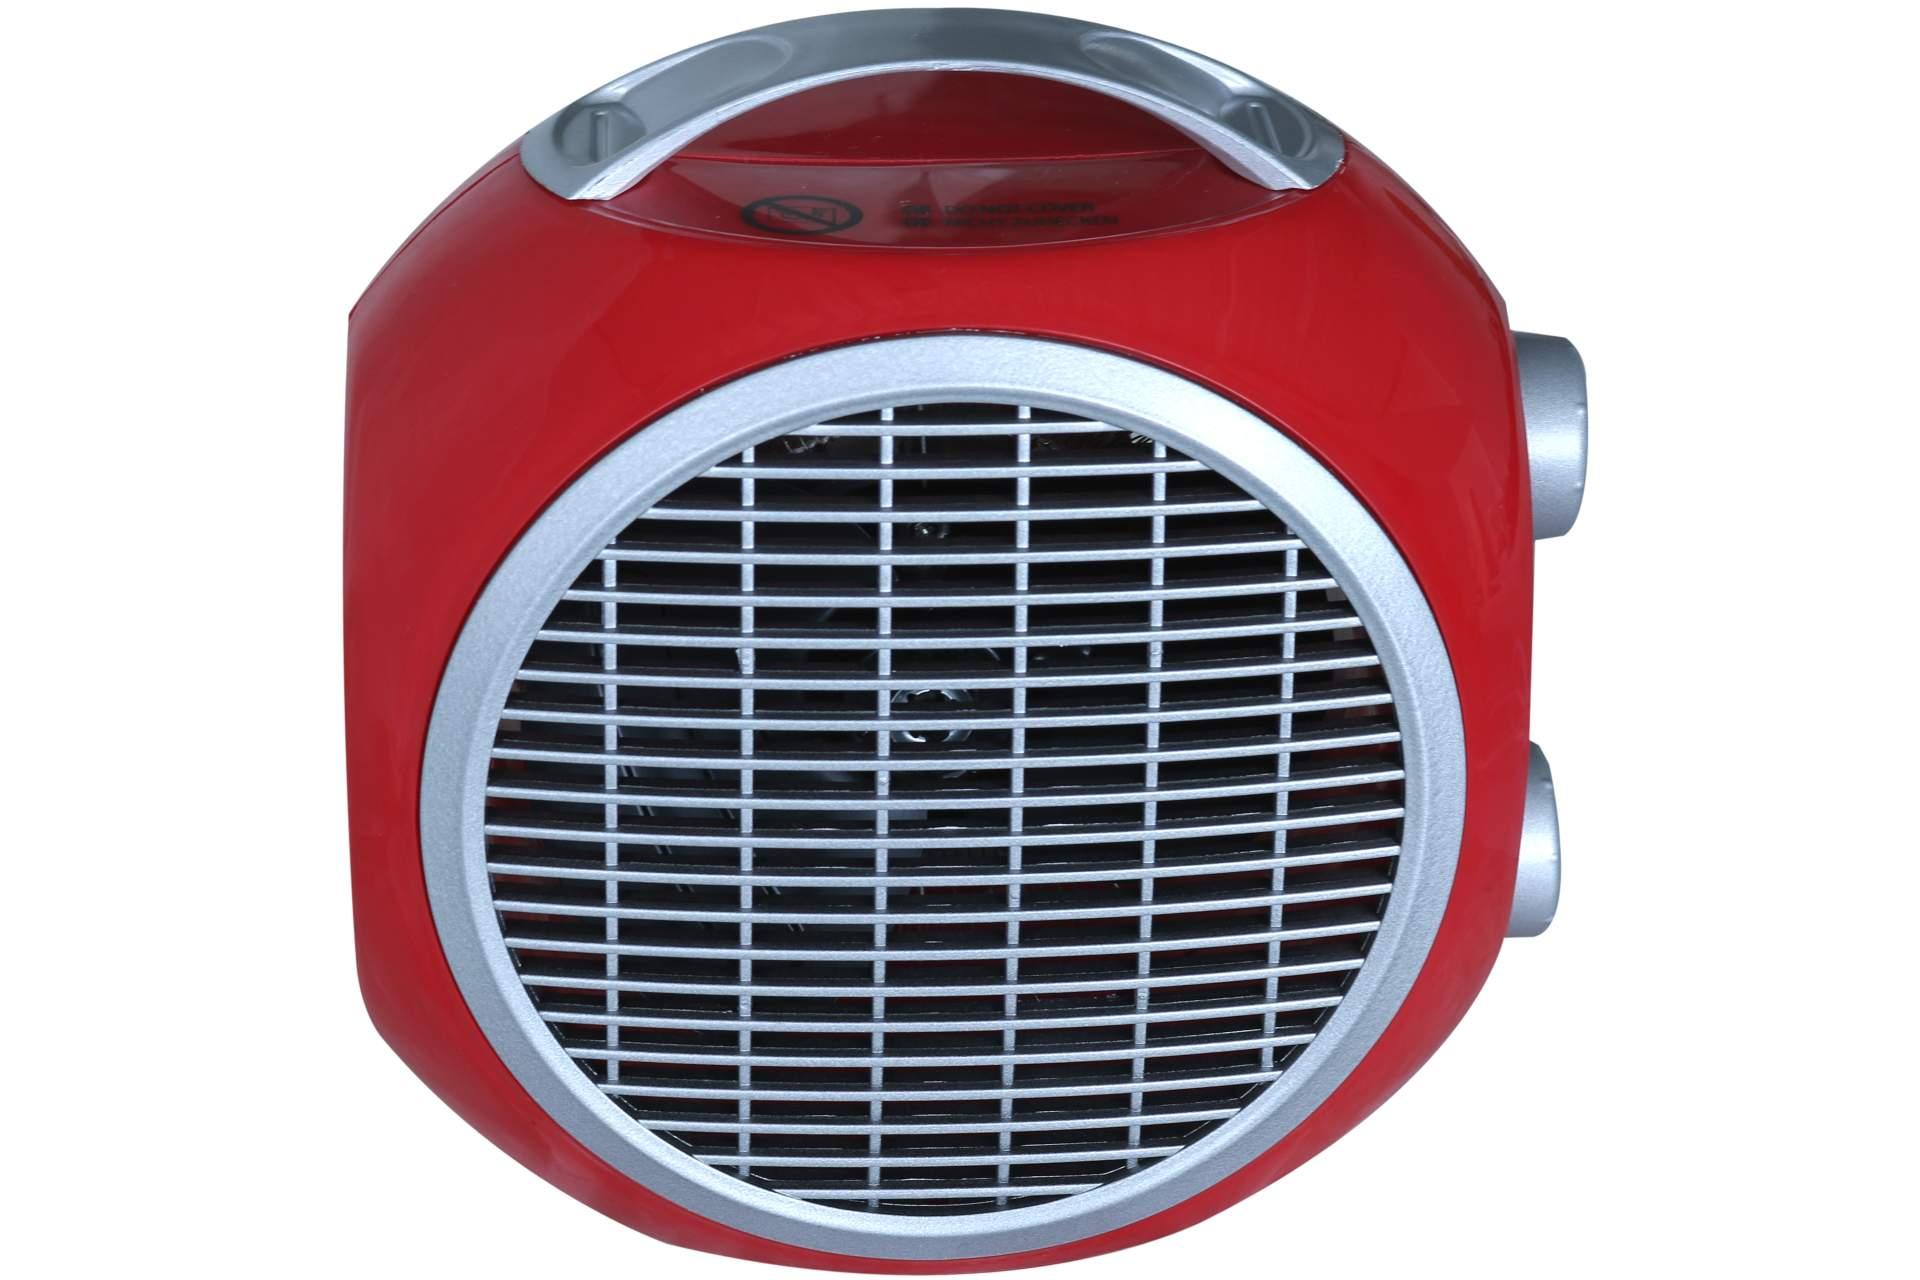 heizl fter rot grau 2000 watt hotserie f r sommer winter haushalt elektroger te posten. Black Bedroom Furniture Sets. Home Design Ideas